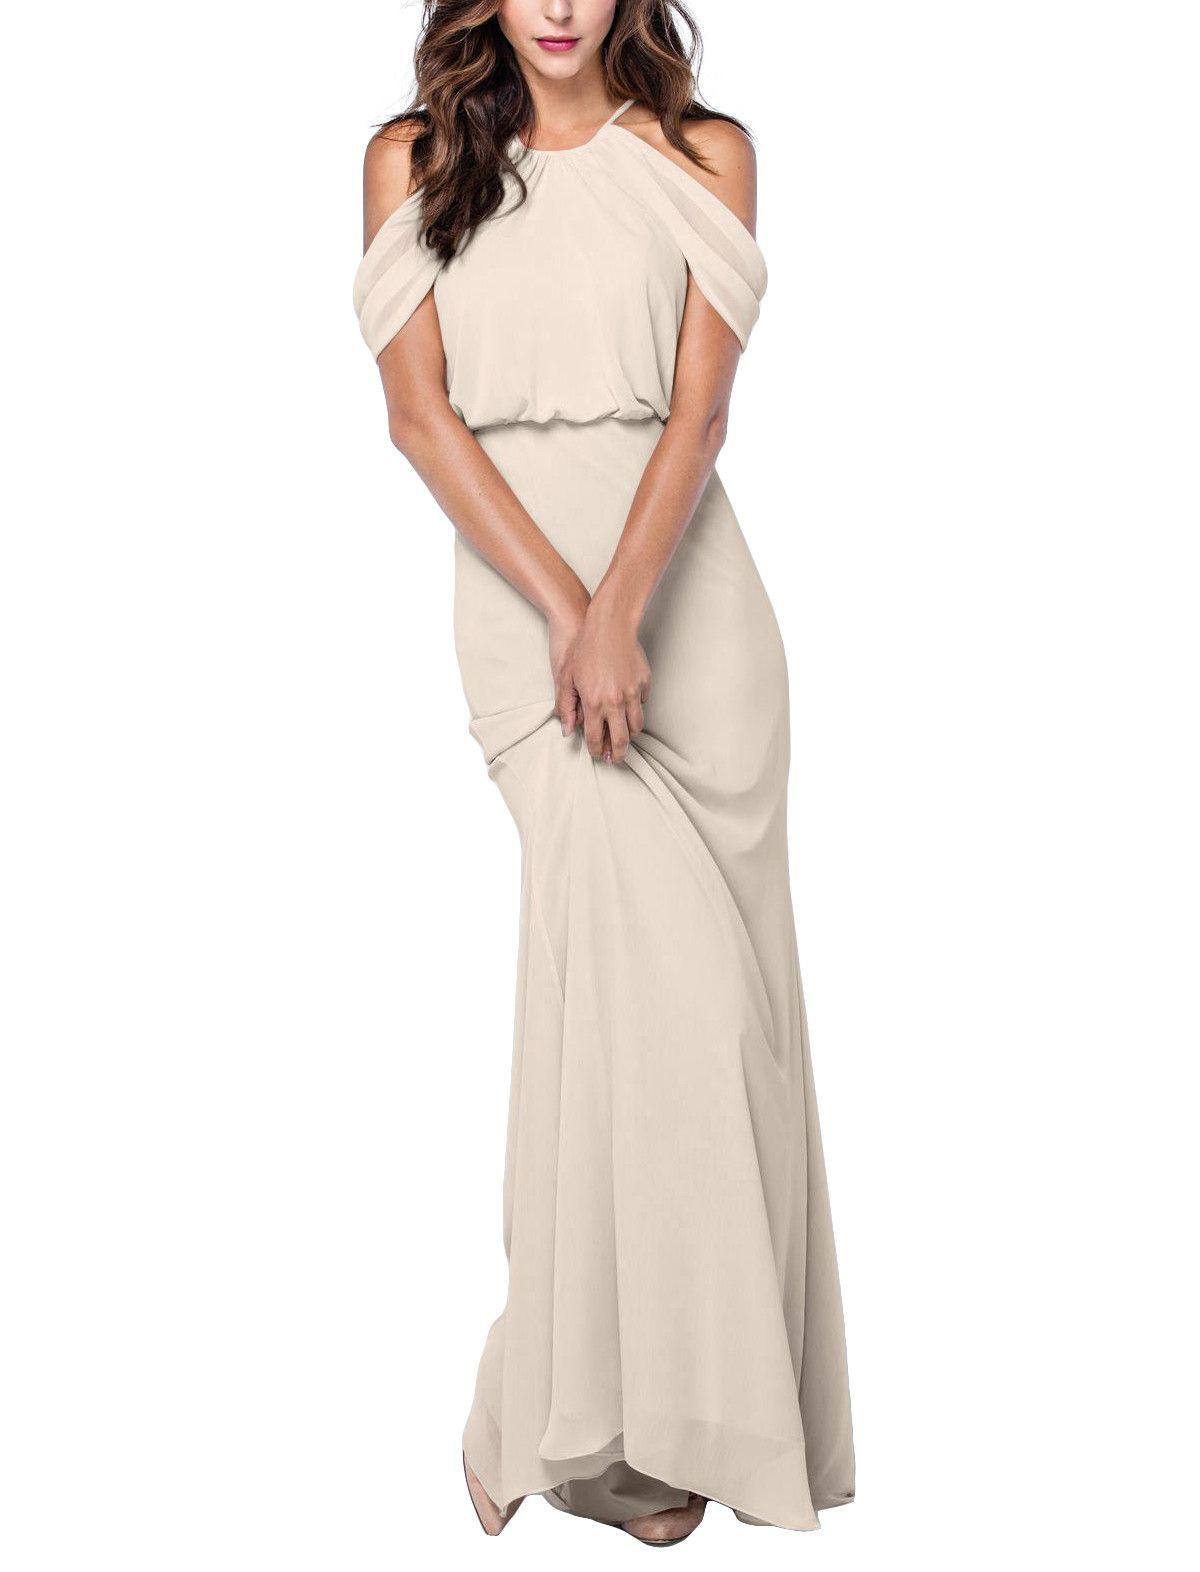 Watters deni bridesmaid dress millermagicmaids pinterest